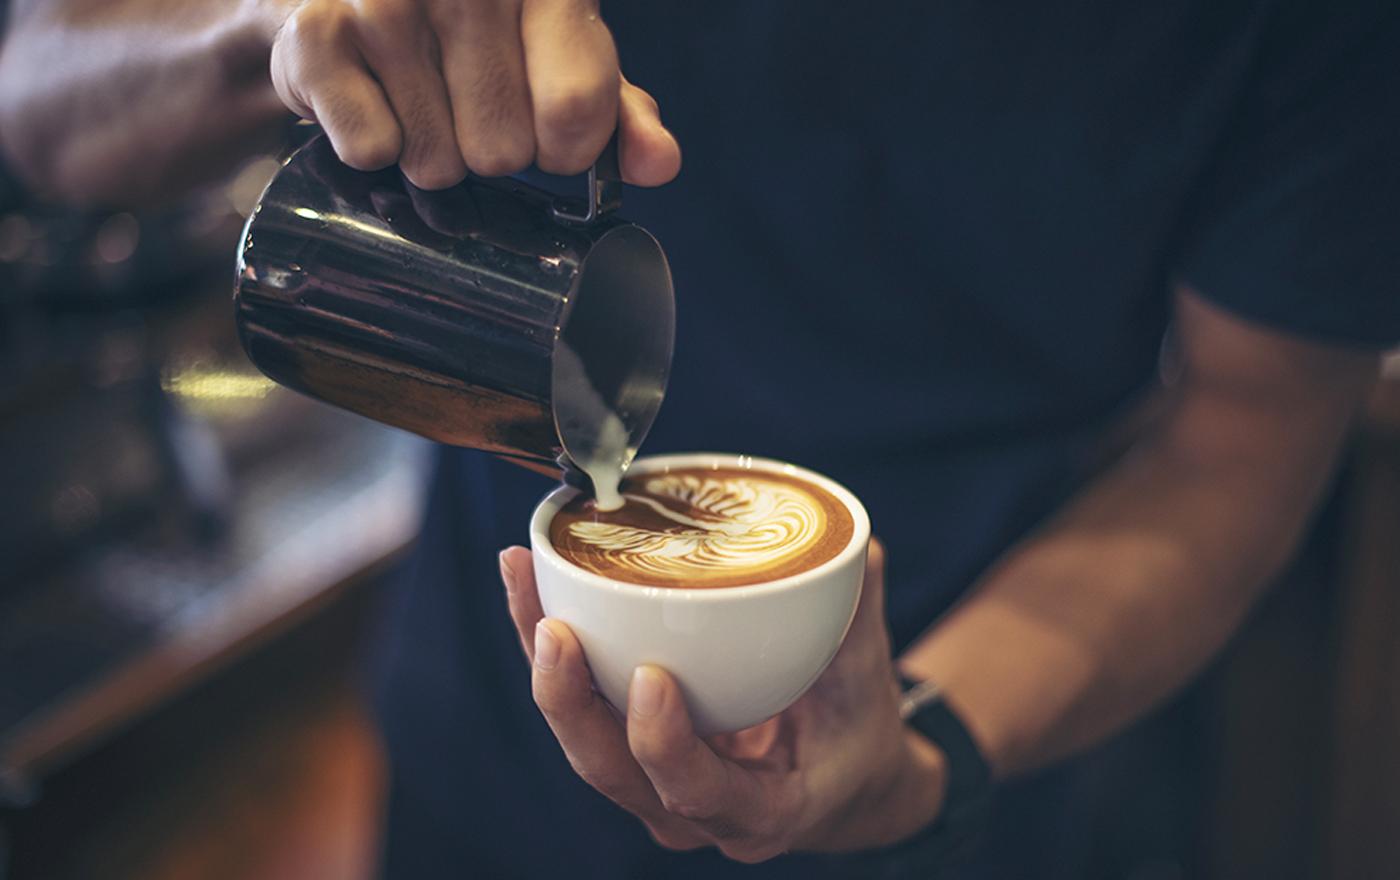 Barista - Nghệ sĩ pha chế cà phê